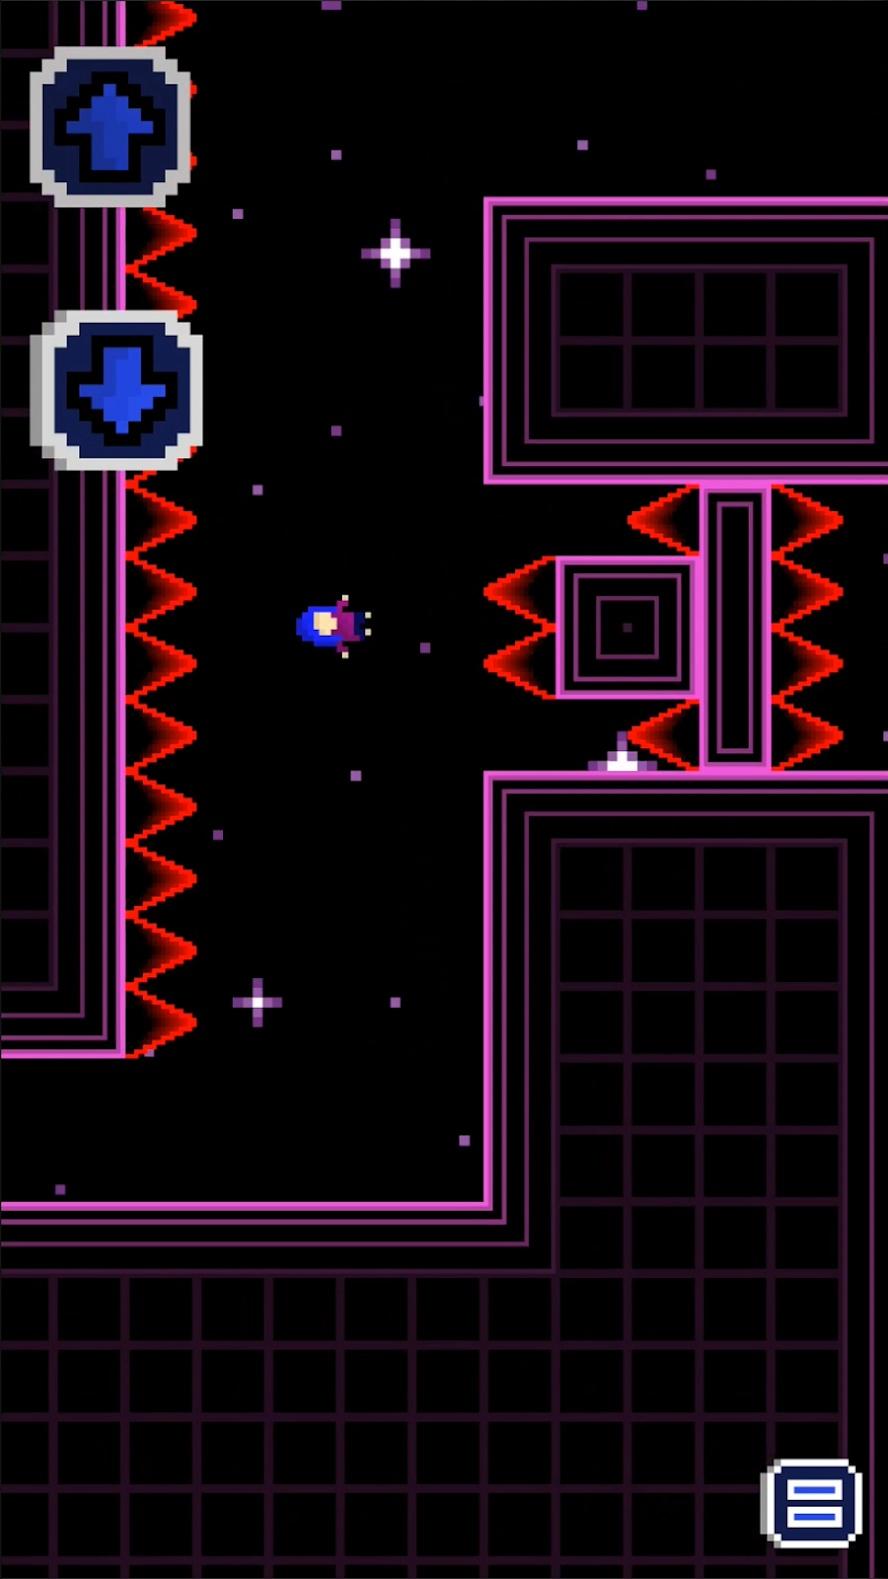 重力触发游戏截图